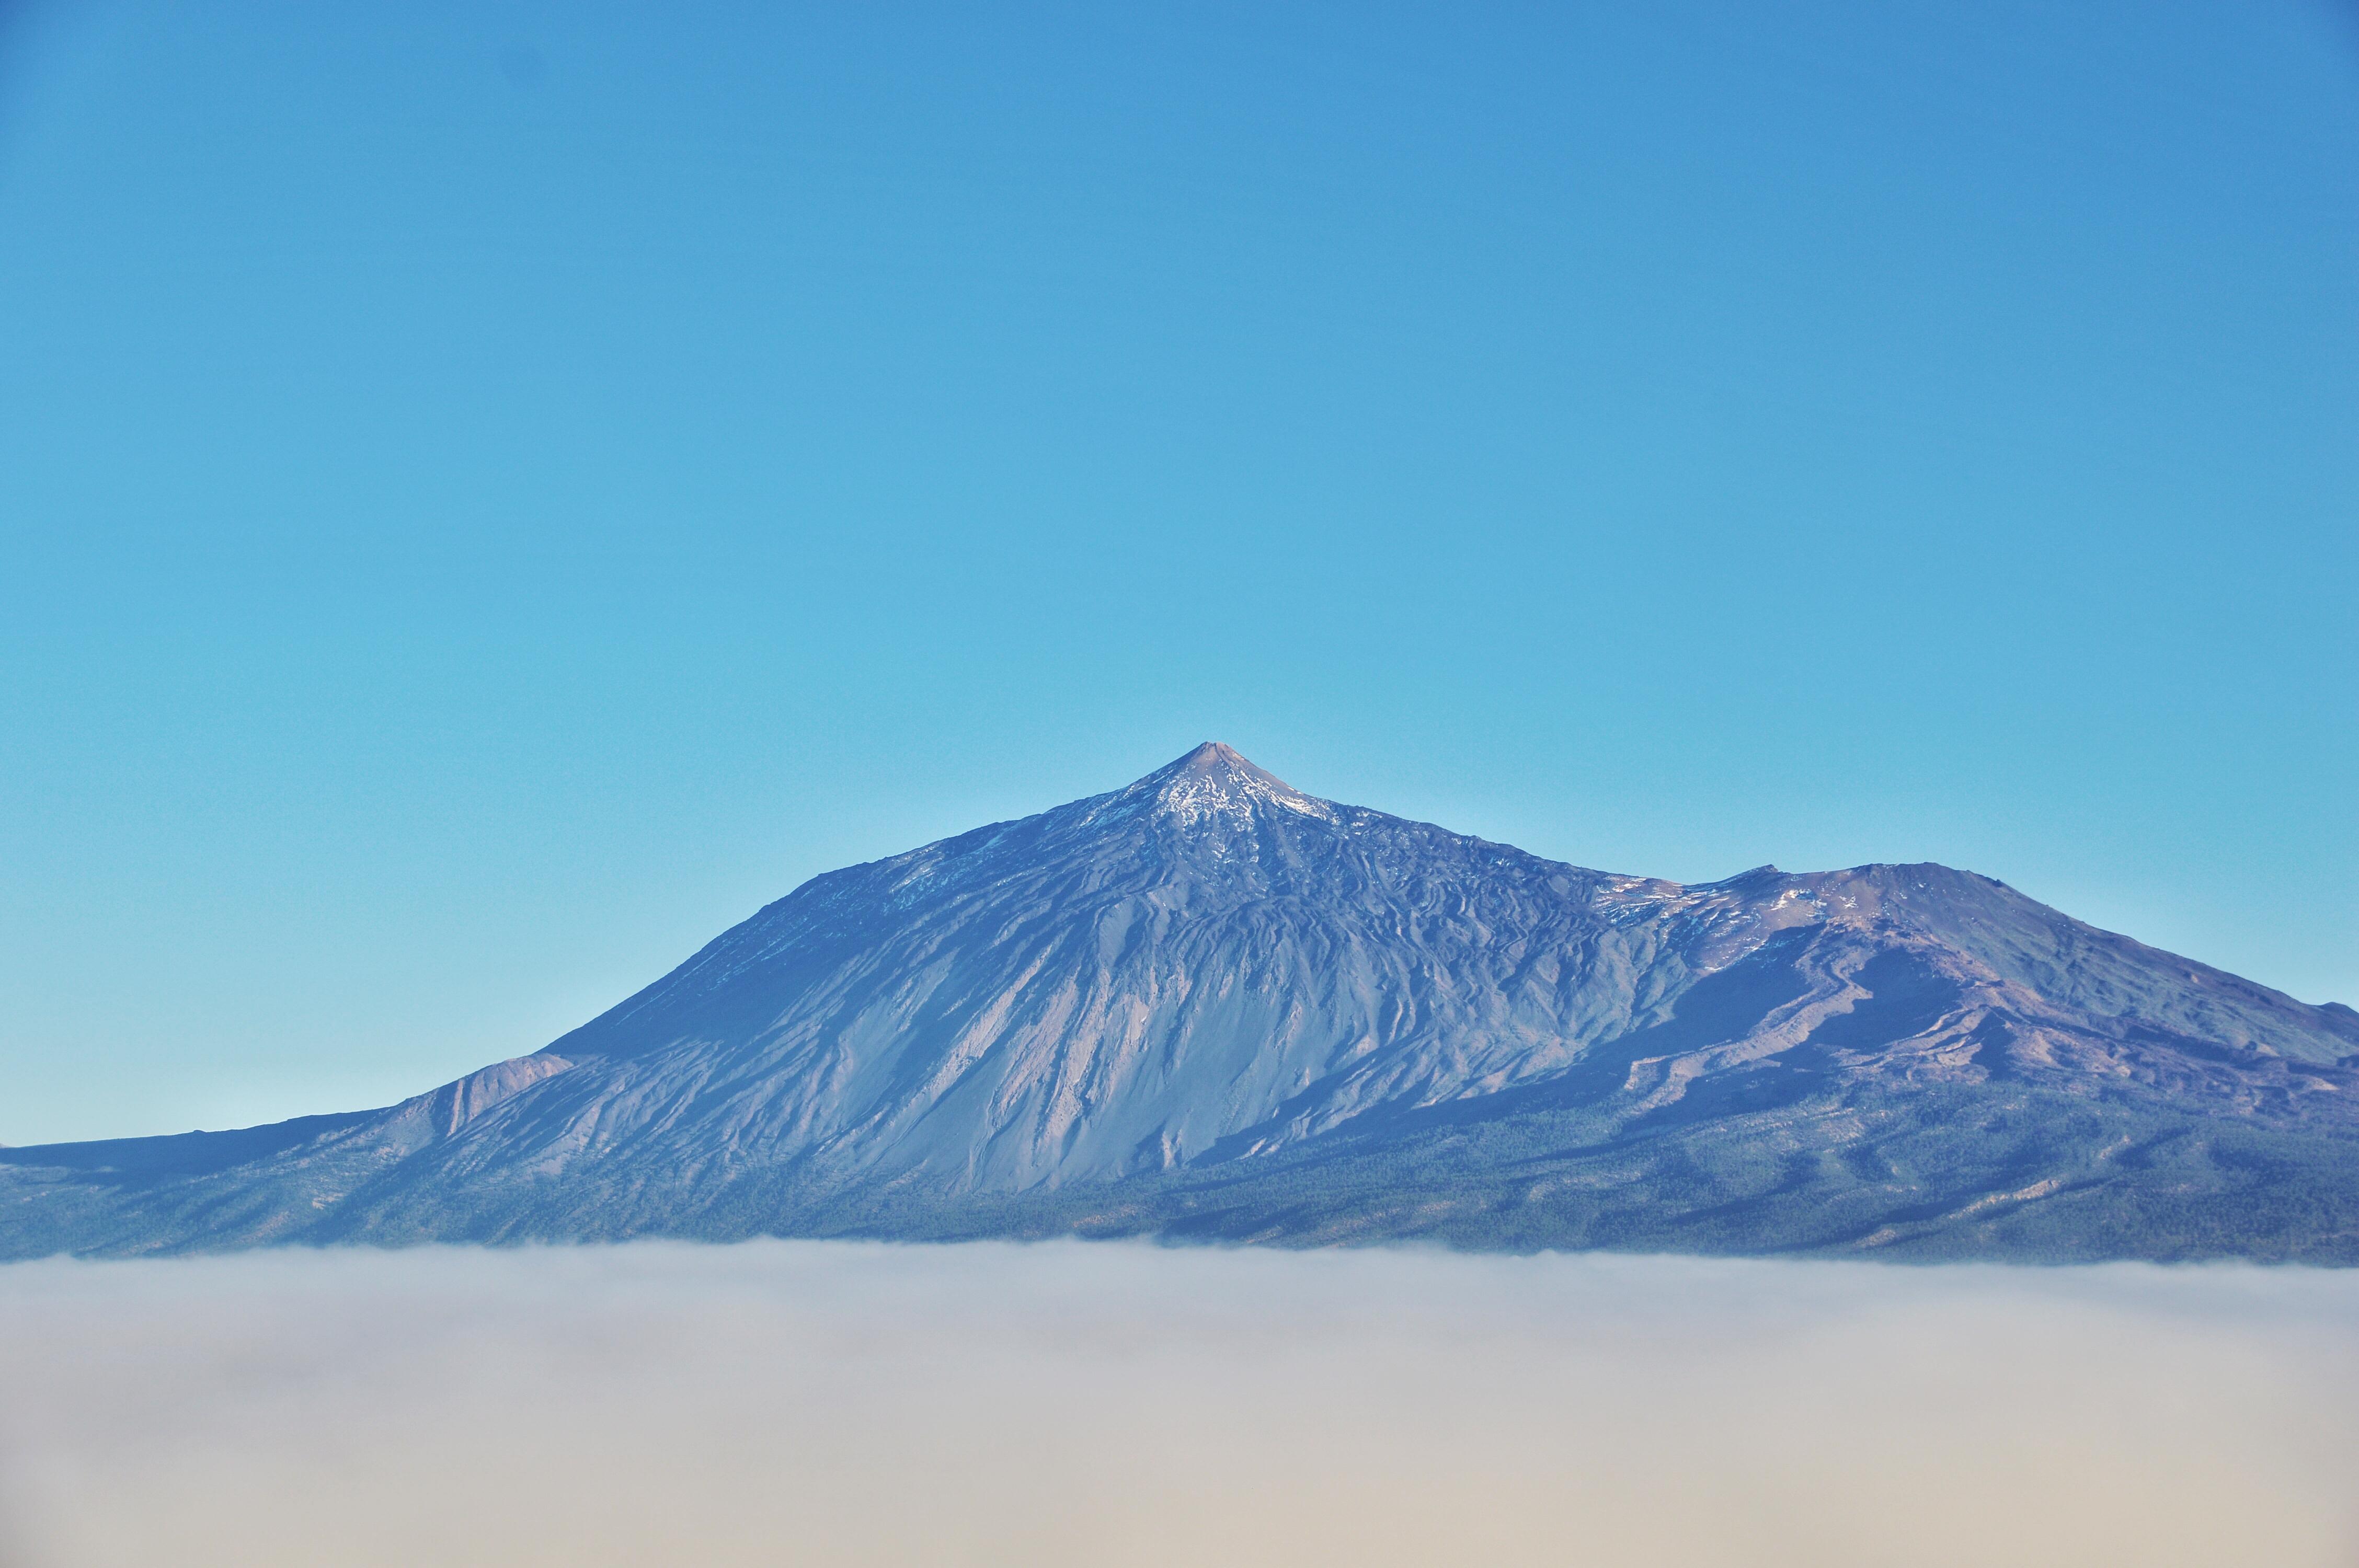 Pico del Teide & The sea of clouds